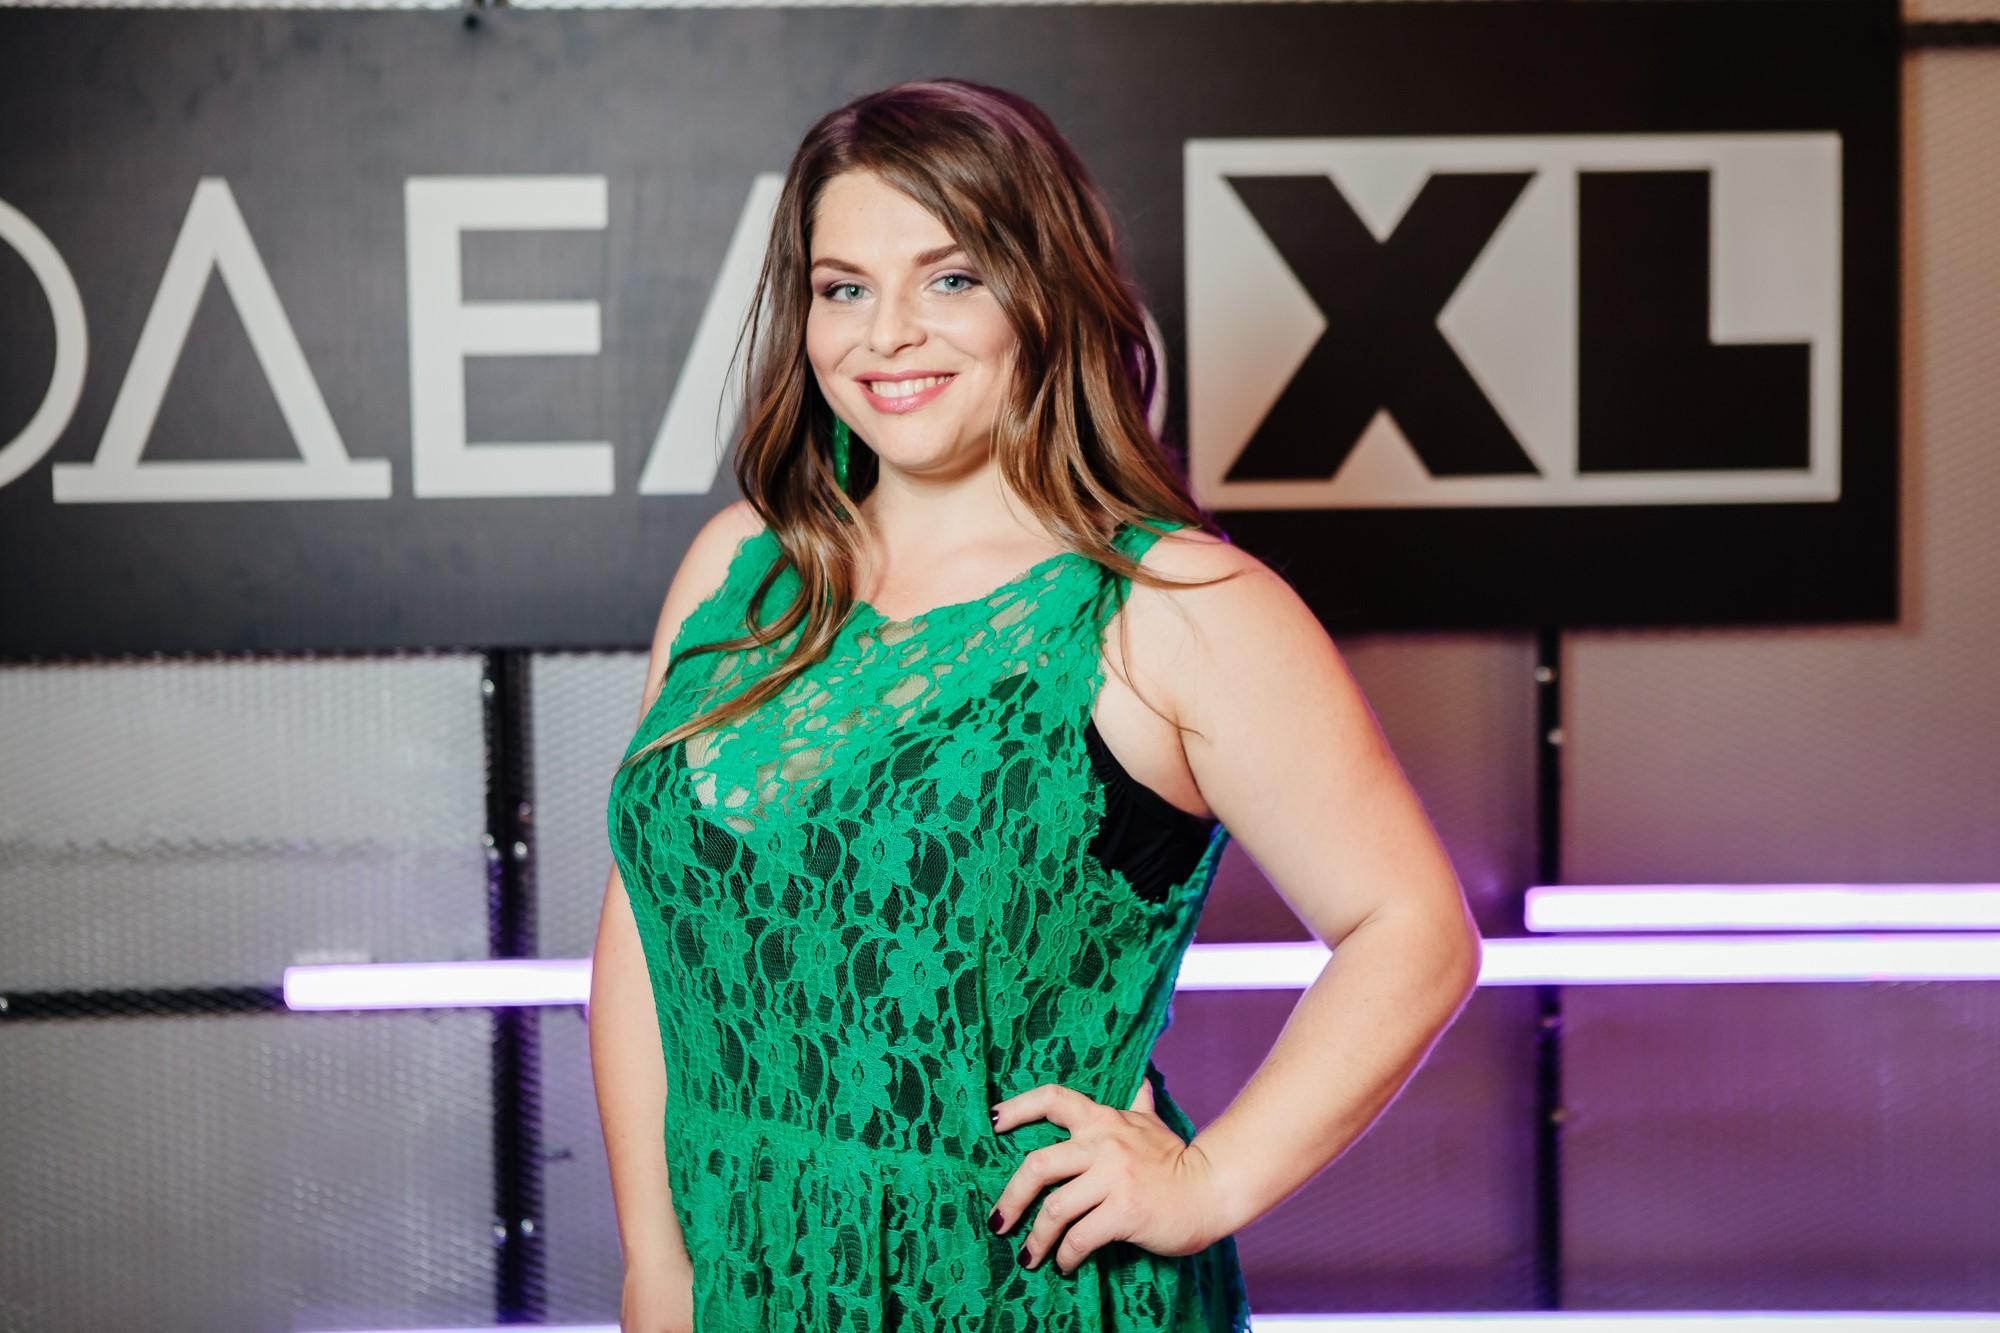 Ведущая «Сніданку» участвует в кастинге второго сезона шоу «Модель XL»